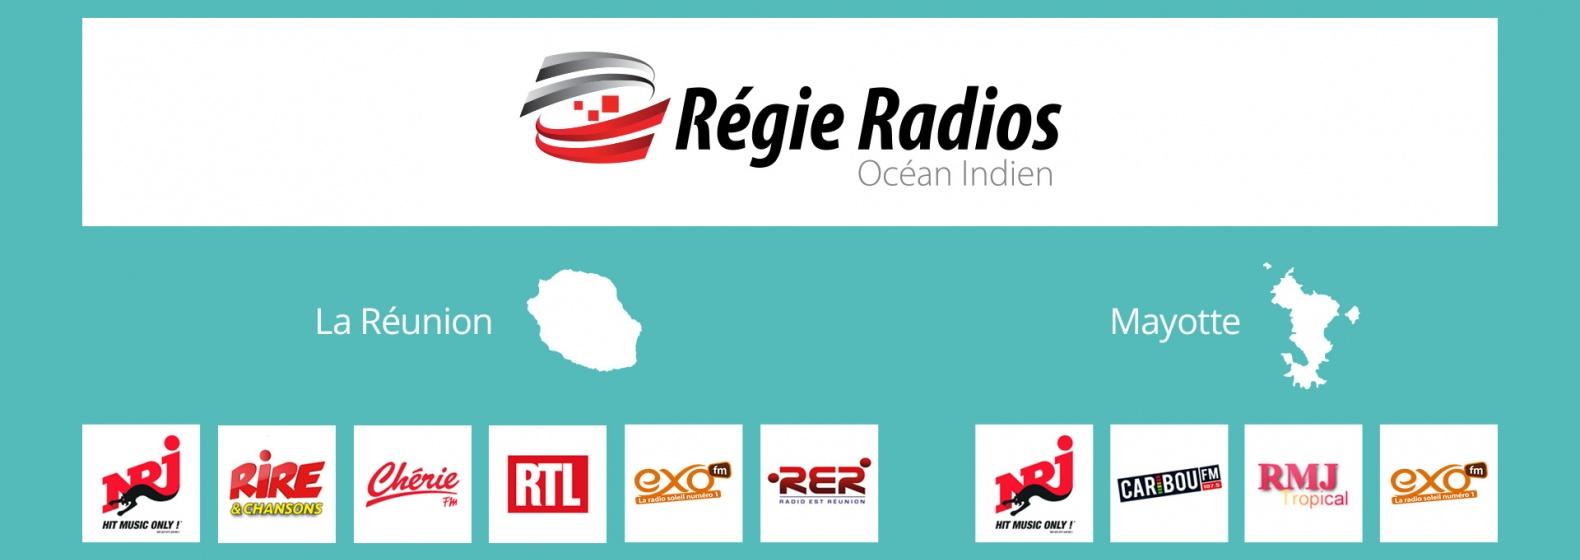 RROI Mayotte La Réunion